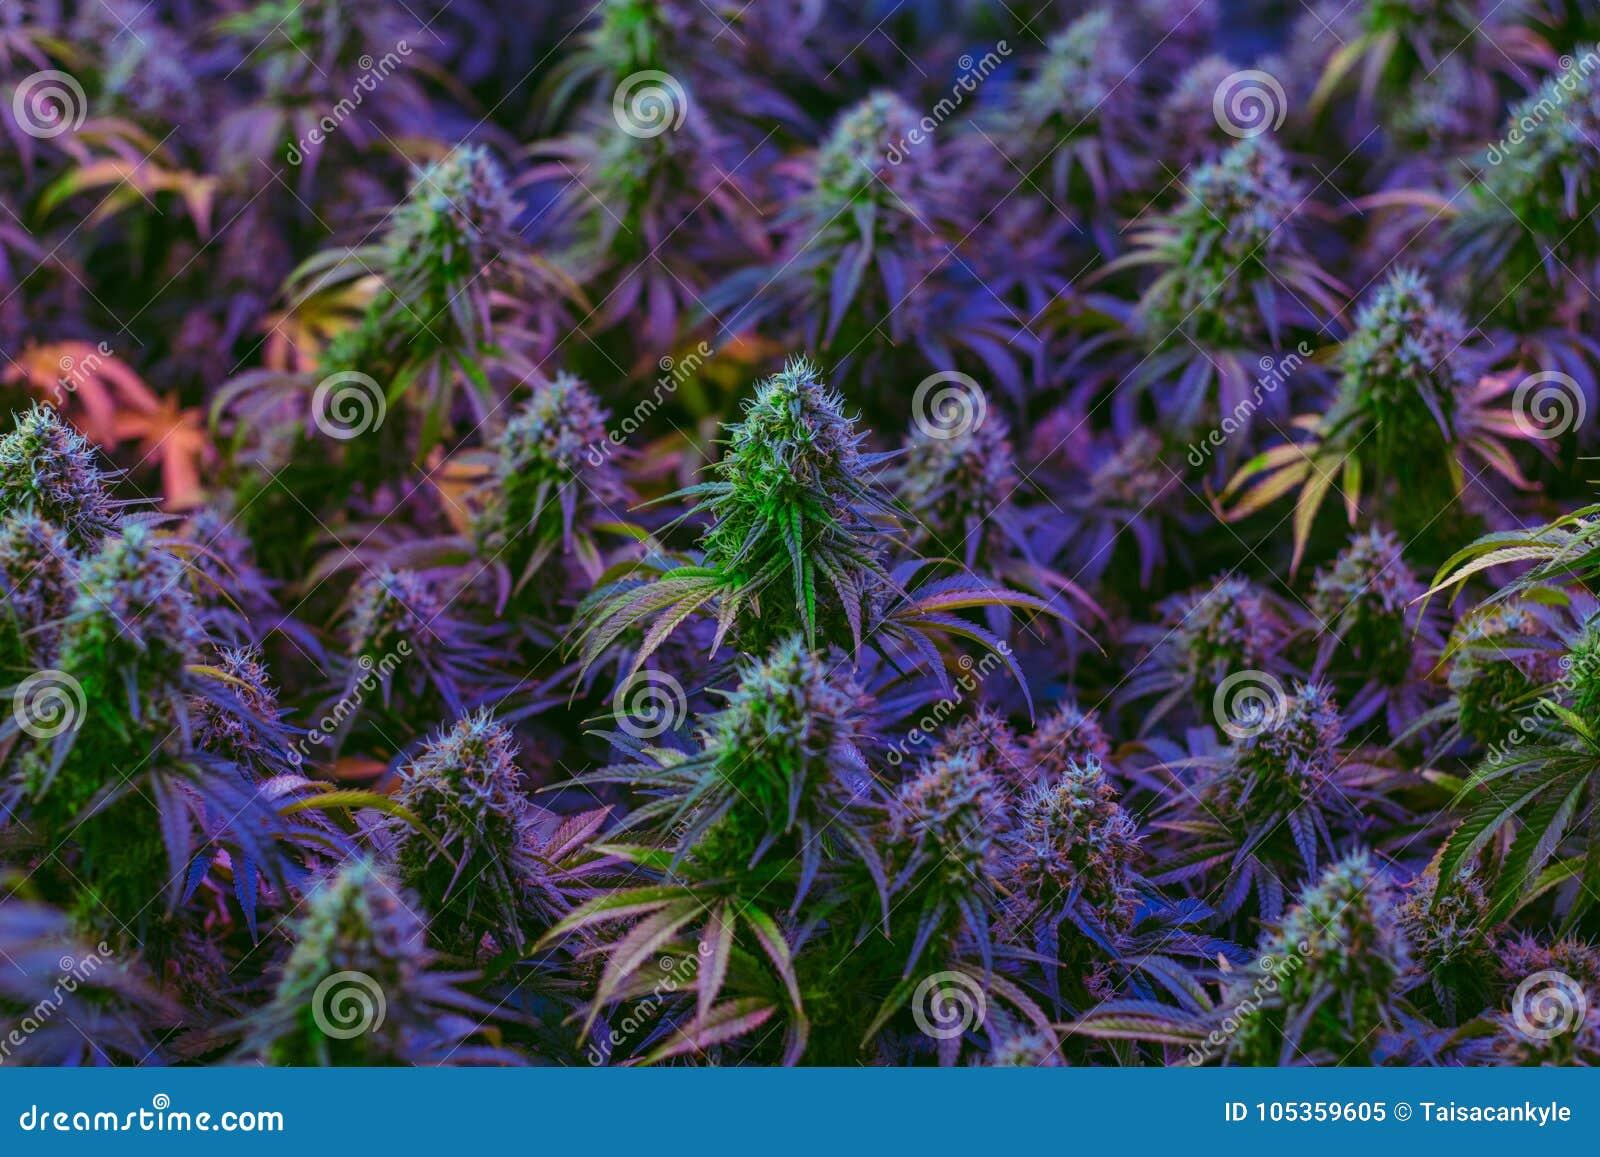 非常为供选择的医疗保健使用耕种的五颜六色的大麻植物